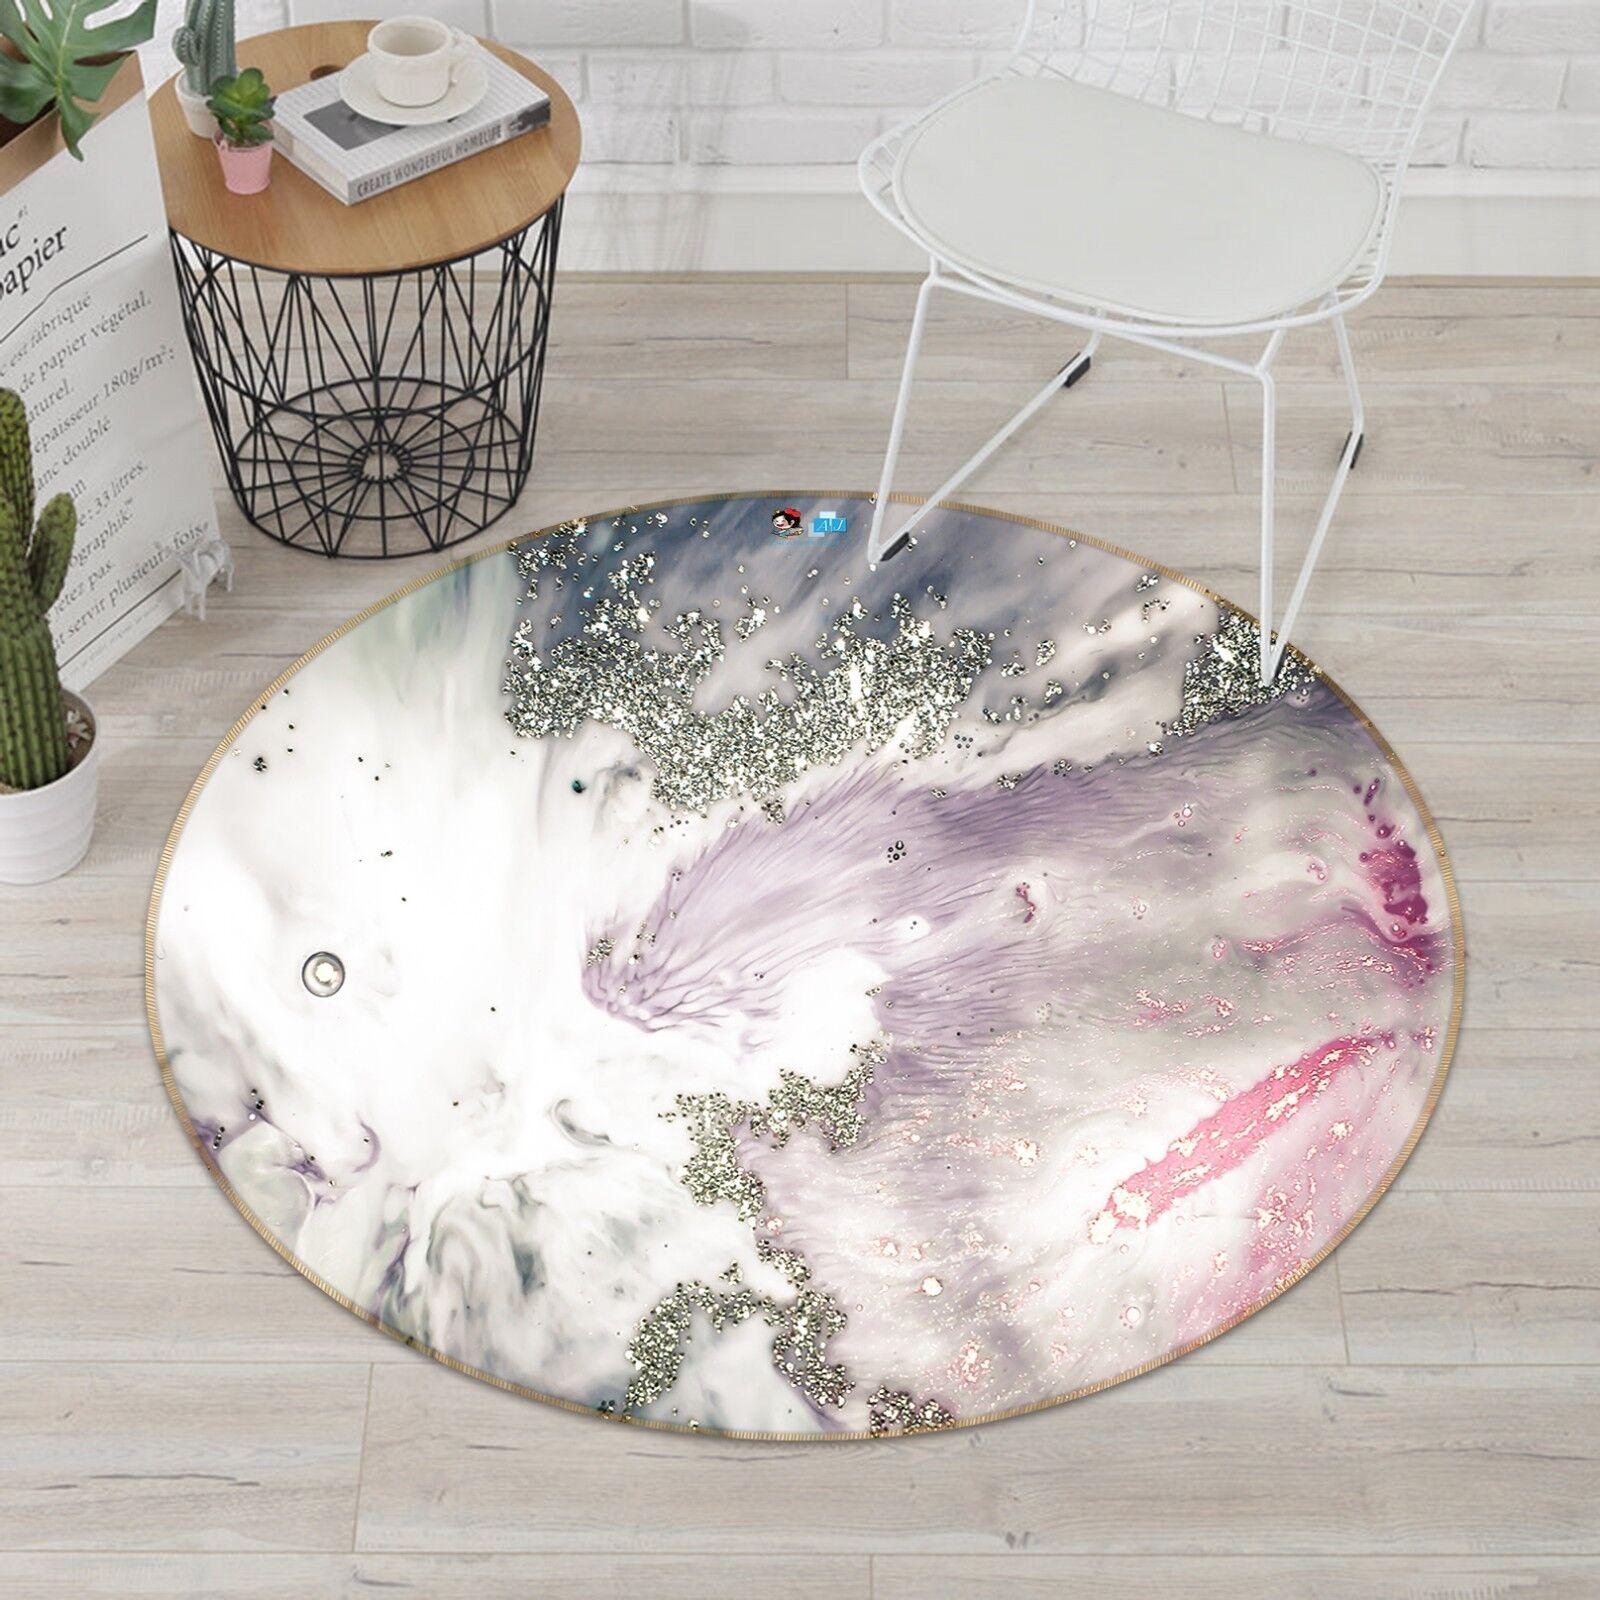 3D Viola Fiamma Perline 56 antiscivolo tappeto camera Tappetino Tondo Qualità Elegante Tappeto foto